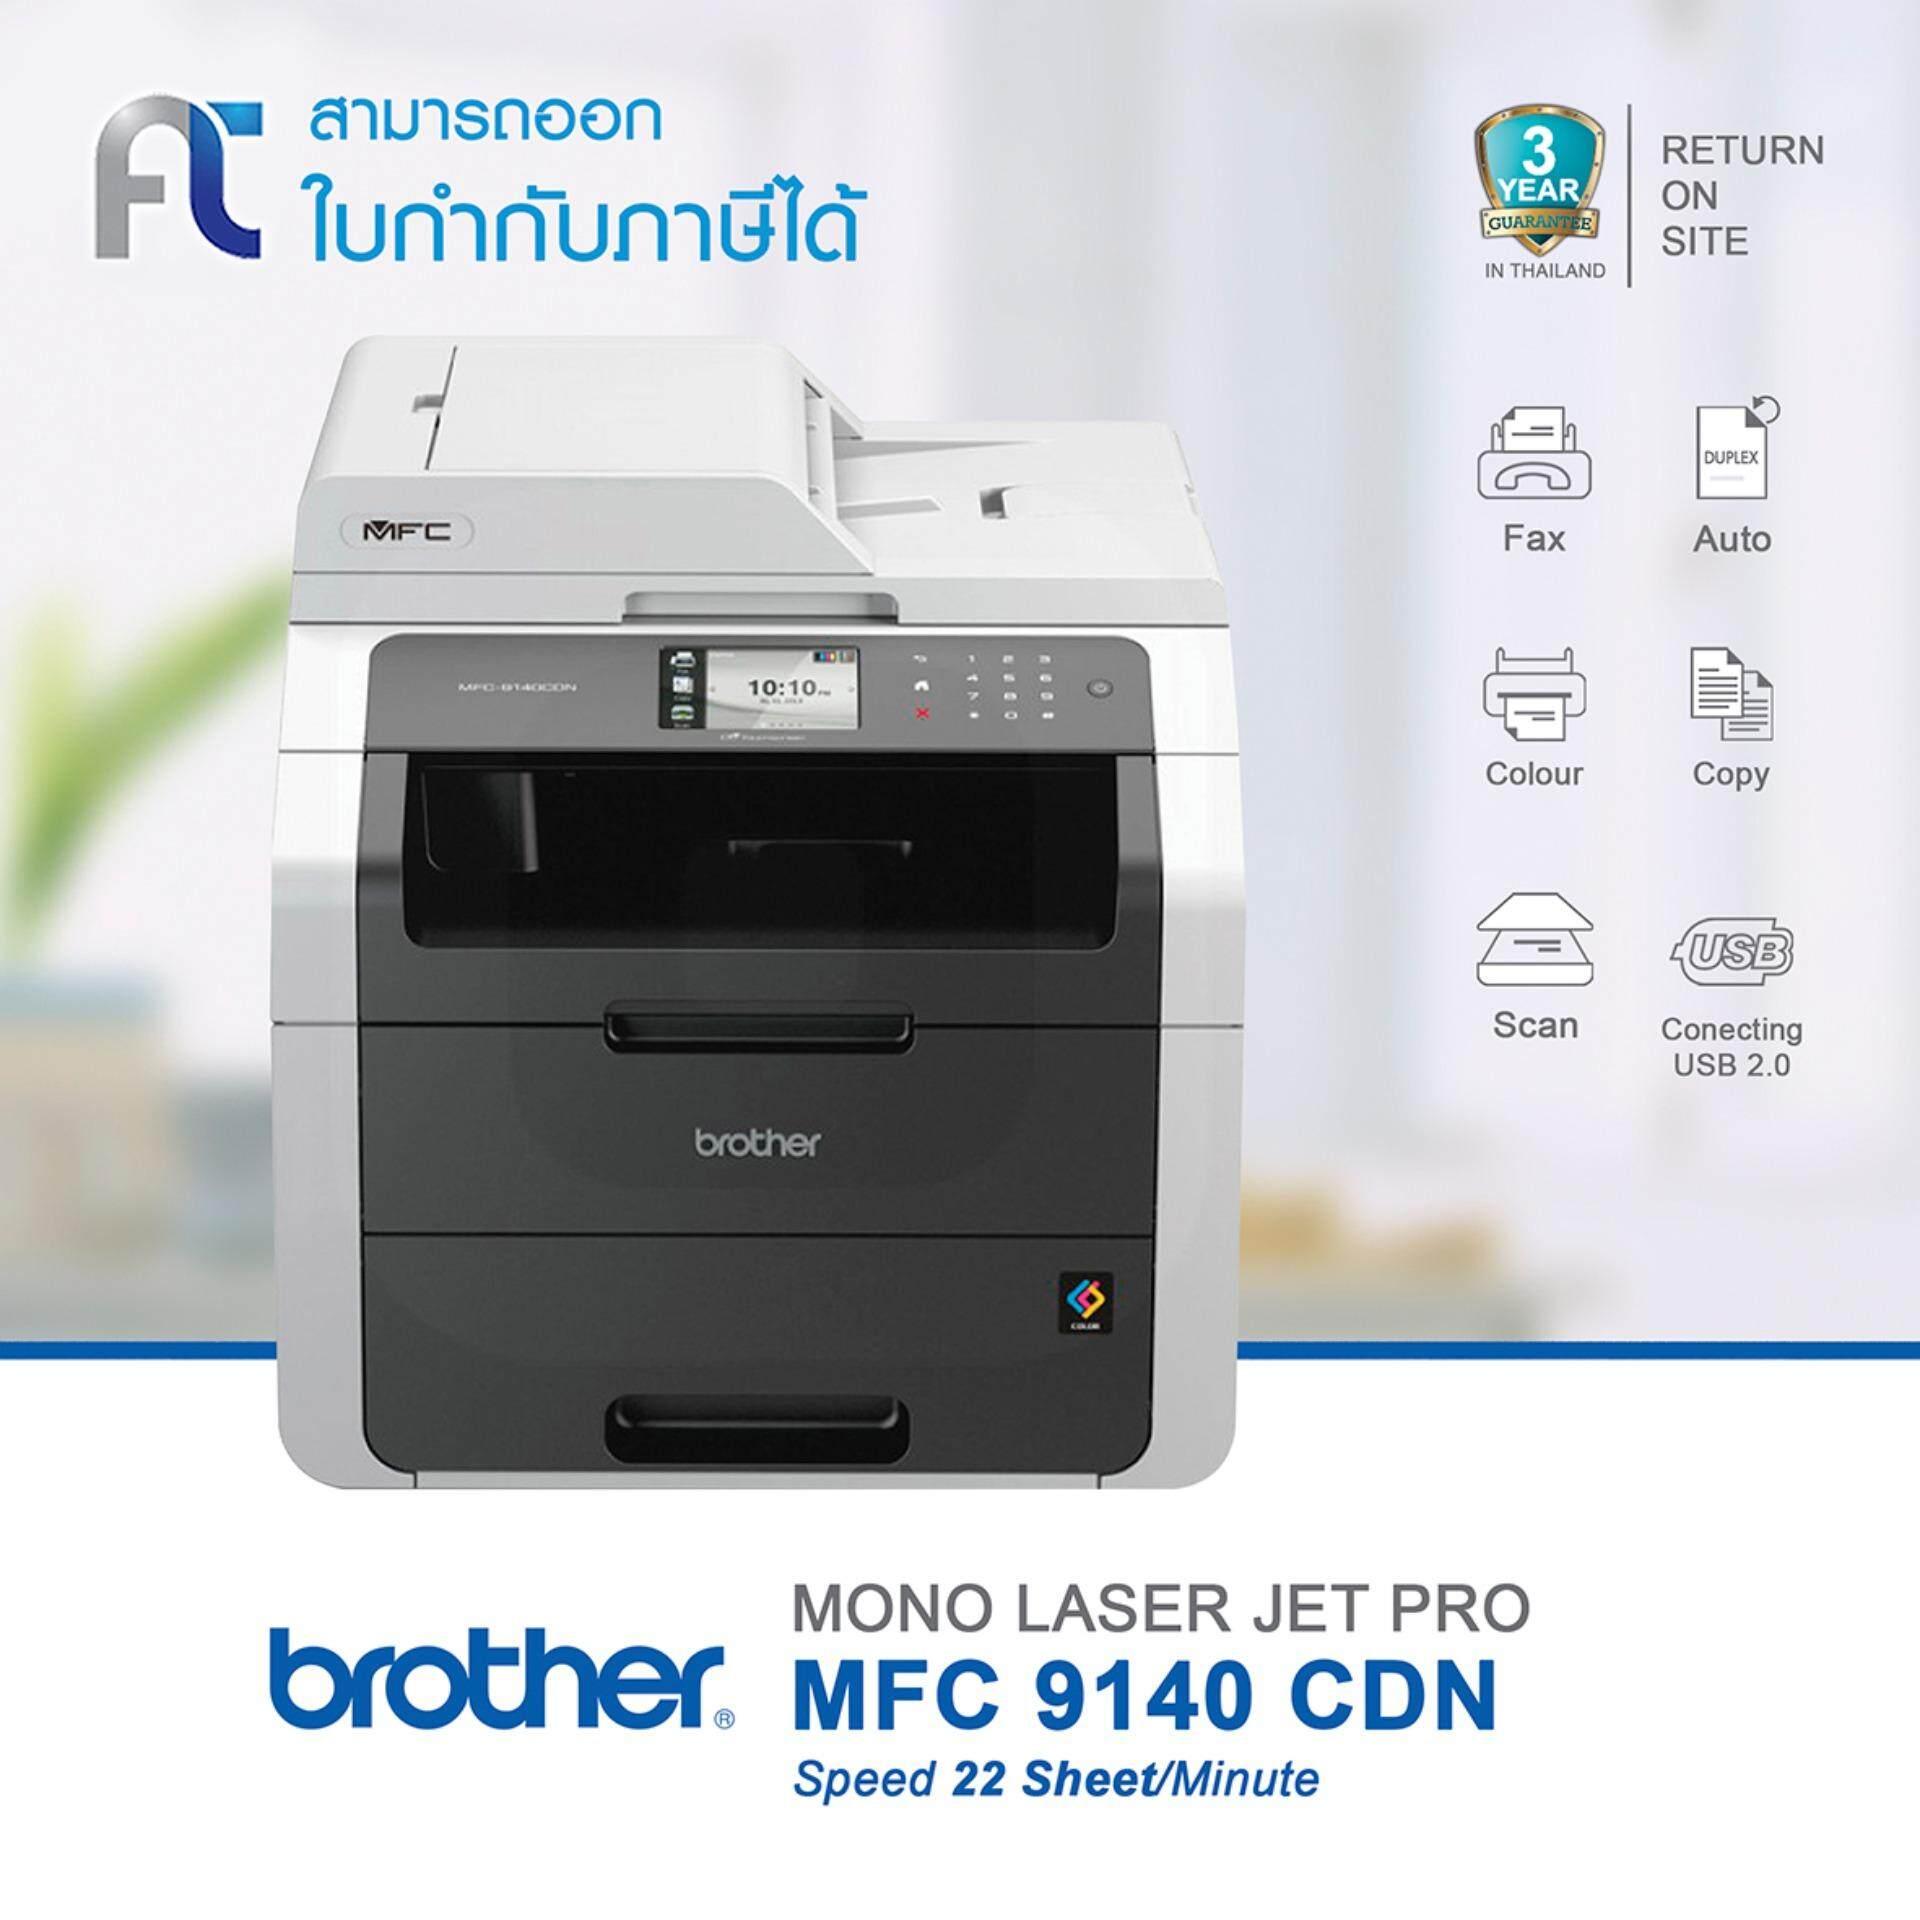 ขาย ซื้อ ออนไลน์ Brother Mfc 9140Cdn Colour Led Multifunction Printer 3 Years Warranty